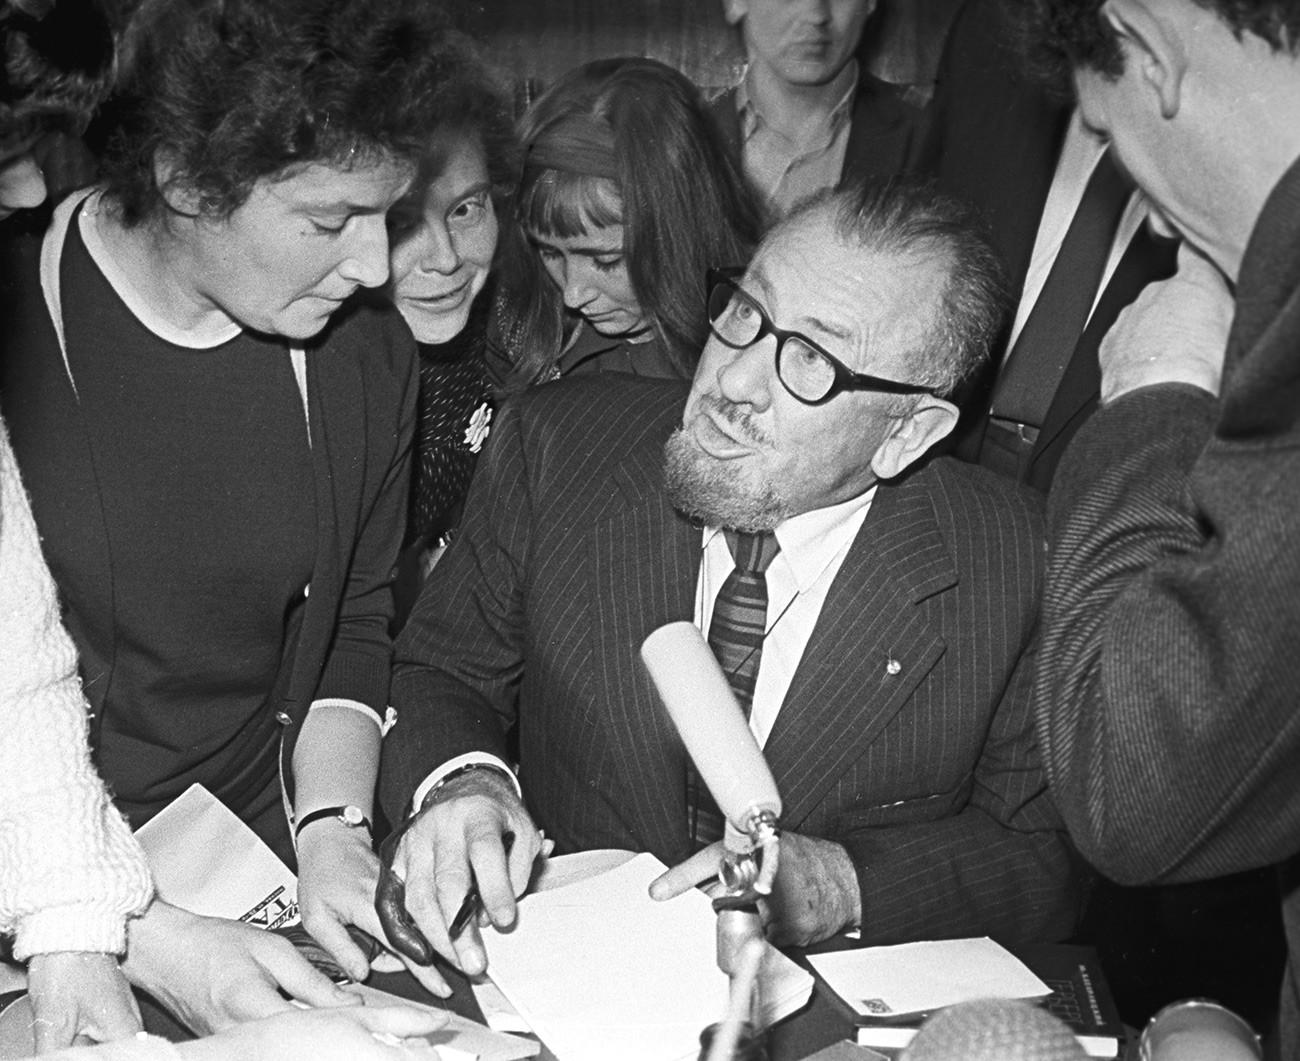 Джон Стейнбек раздает автографы во Всесоюзной государственной библиотеке иностранной литературы в Москве